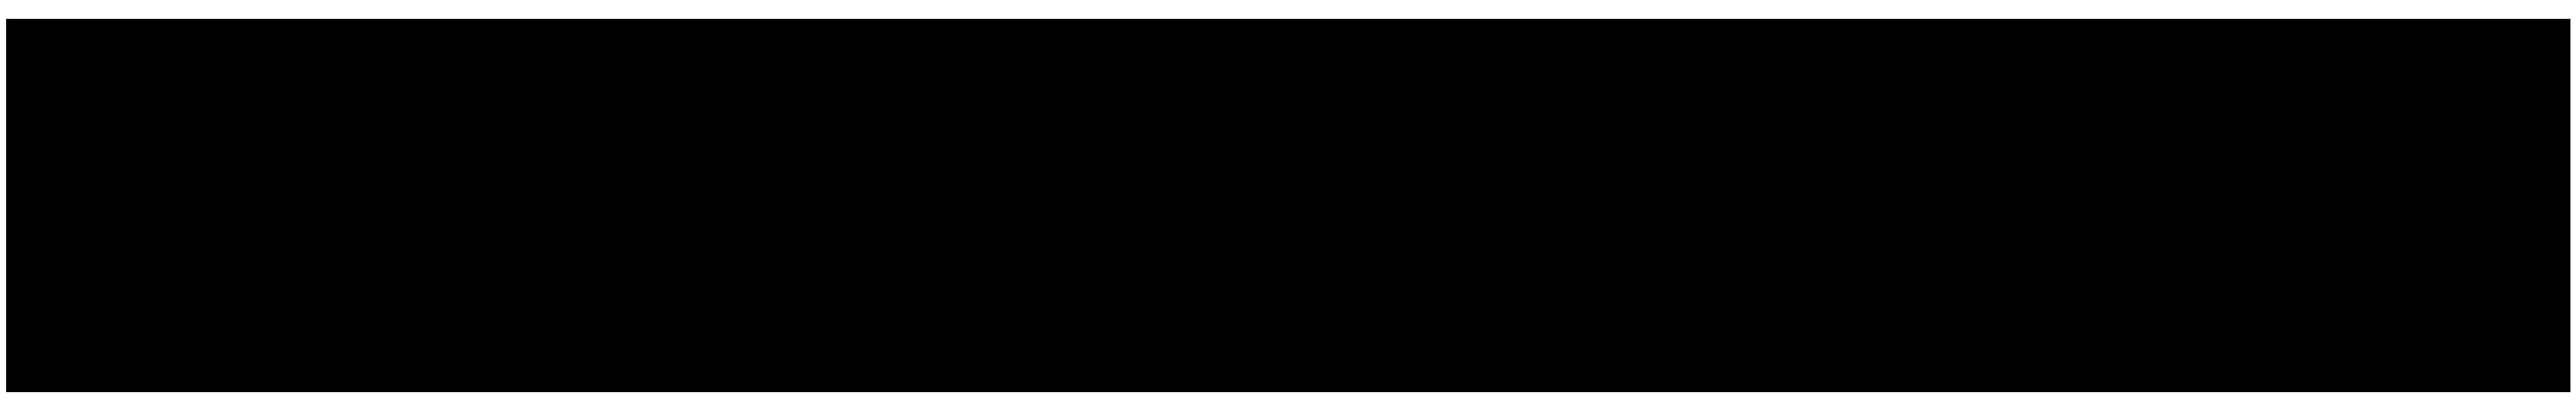 Nesspah logo för header